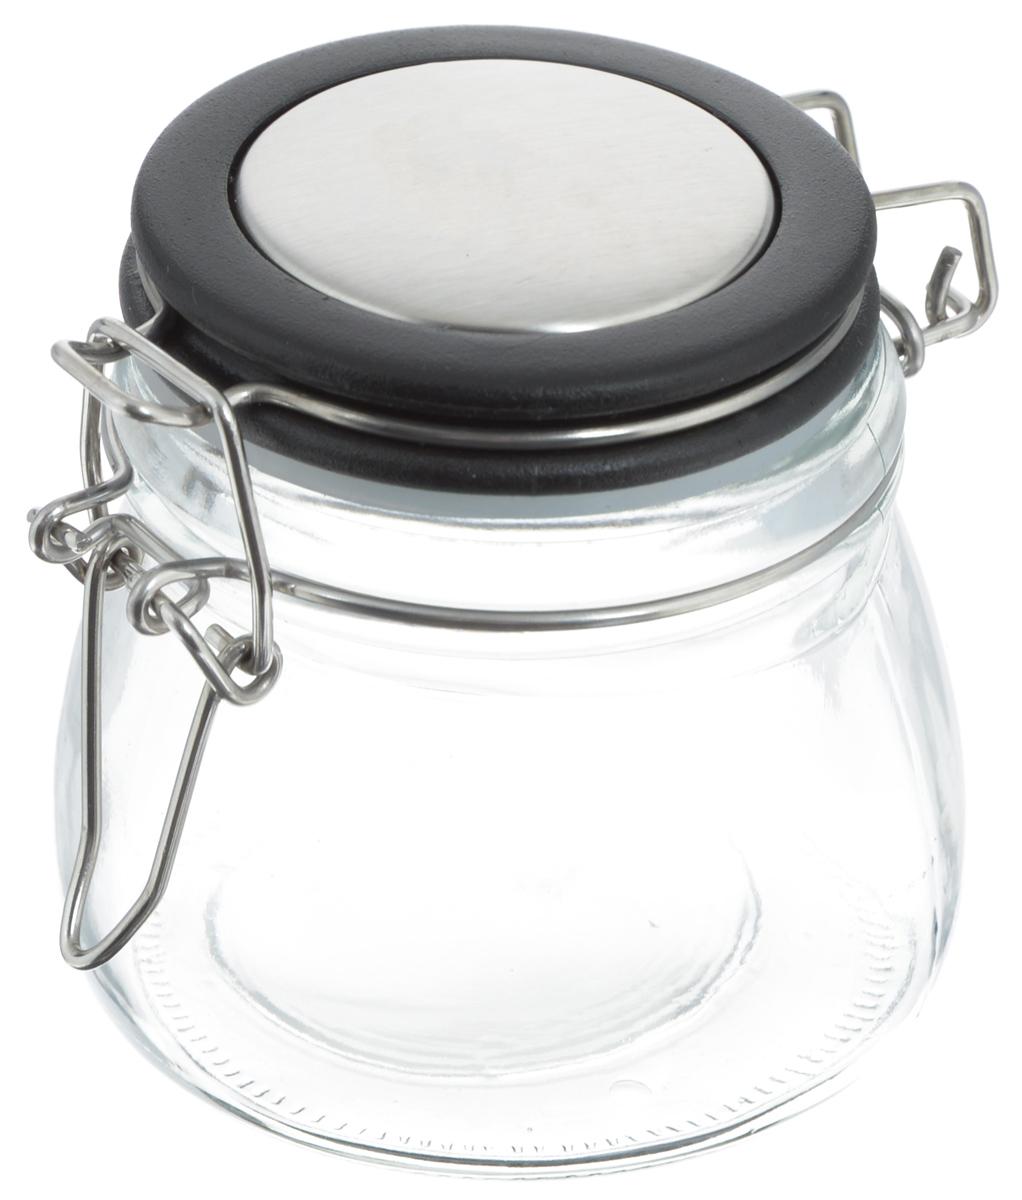 Банка для хранения Zeller, цвет: прозрачный, черный, 288 мл19958_черныйБанка Zeller выполнена из прозрачного стекла и оснащена пластиковой крышкой. Металлическая клипса герметично закрывает крышку, что позволяет продуктам дольше оставаться свежими и ароматными. Изделие прекрасно подходит для хранения разнообразных специй. Такая баночка станет достойным дополнением к вашему кухонному инвентарю. Диаметр по верхнему краю: 6 см. Высота банки (с учетом крышки): 7,5 см.